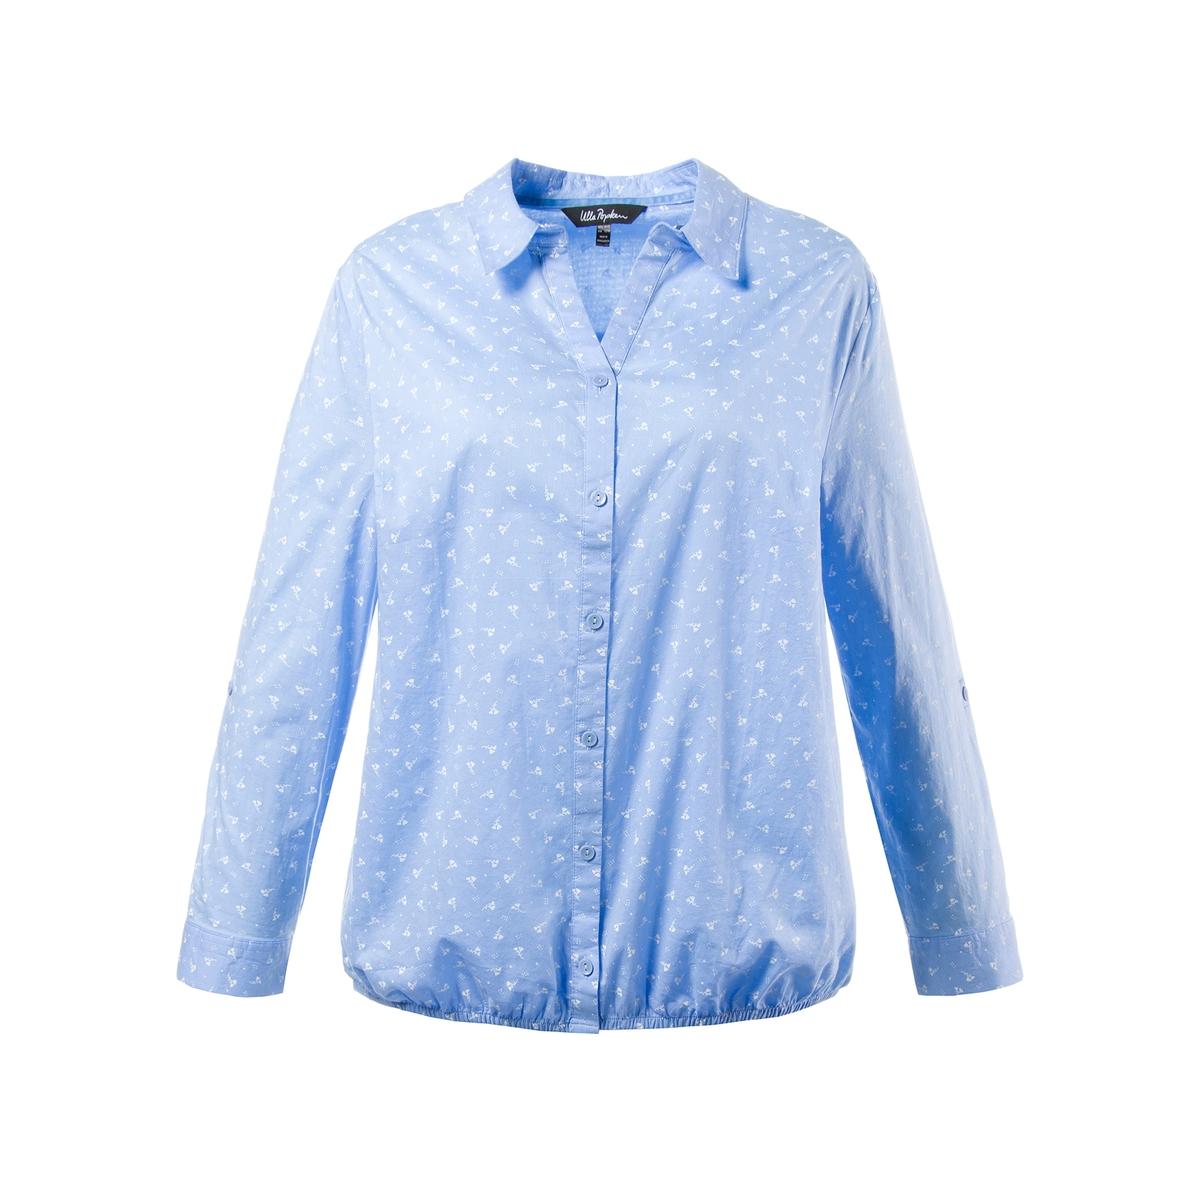 БлузкаБлузка рубашечного покроя с красивым микрорисунком ULLA POPKEN. Открытый вырез, рубашечный воротник, эластичный низ. Длинные рукава с застежкой для длины 3/4. 100% хлопок. Длина в зависимости от размера. 68-78 см<br><br>Цвет: синий